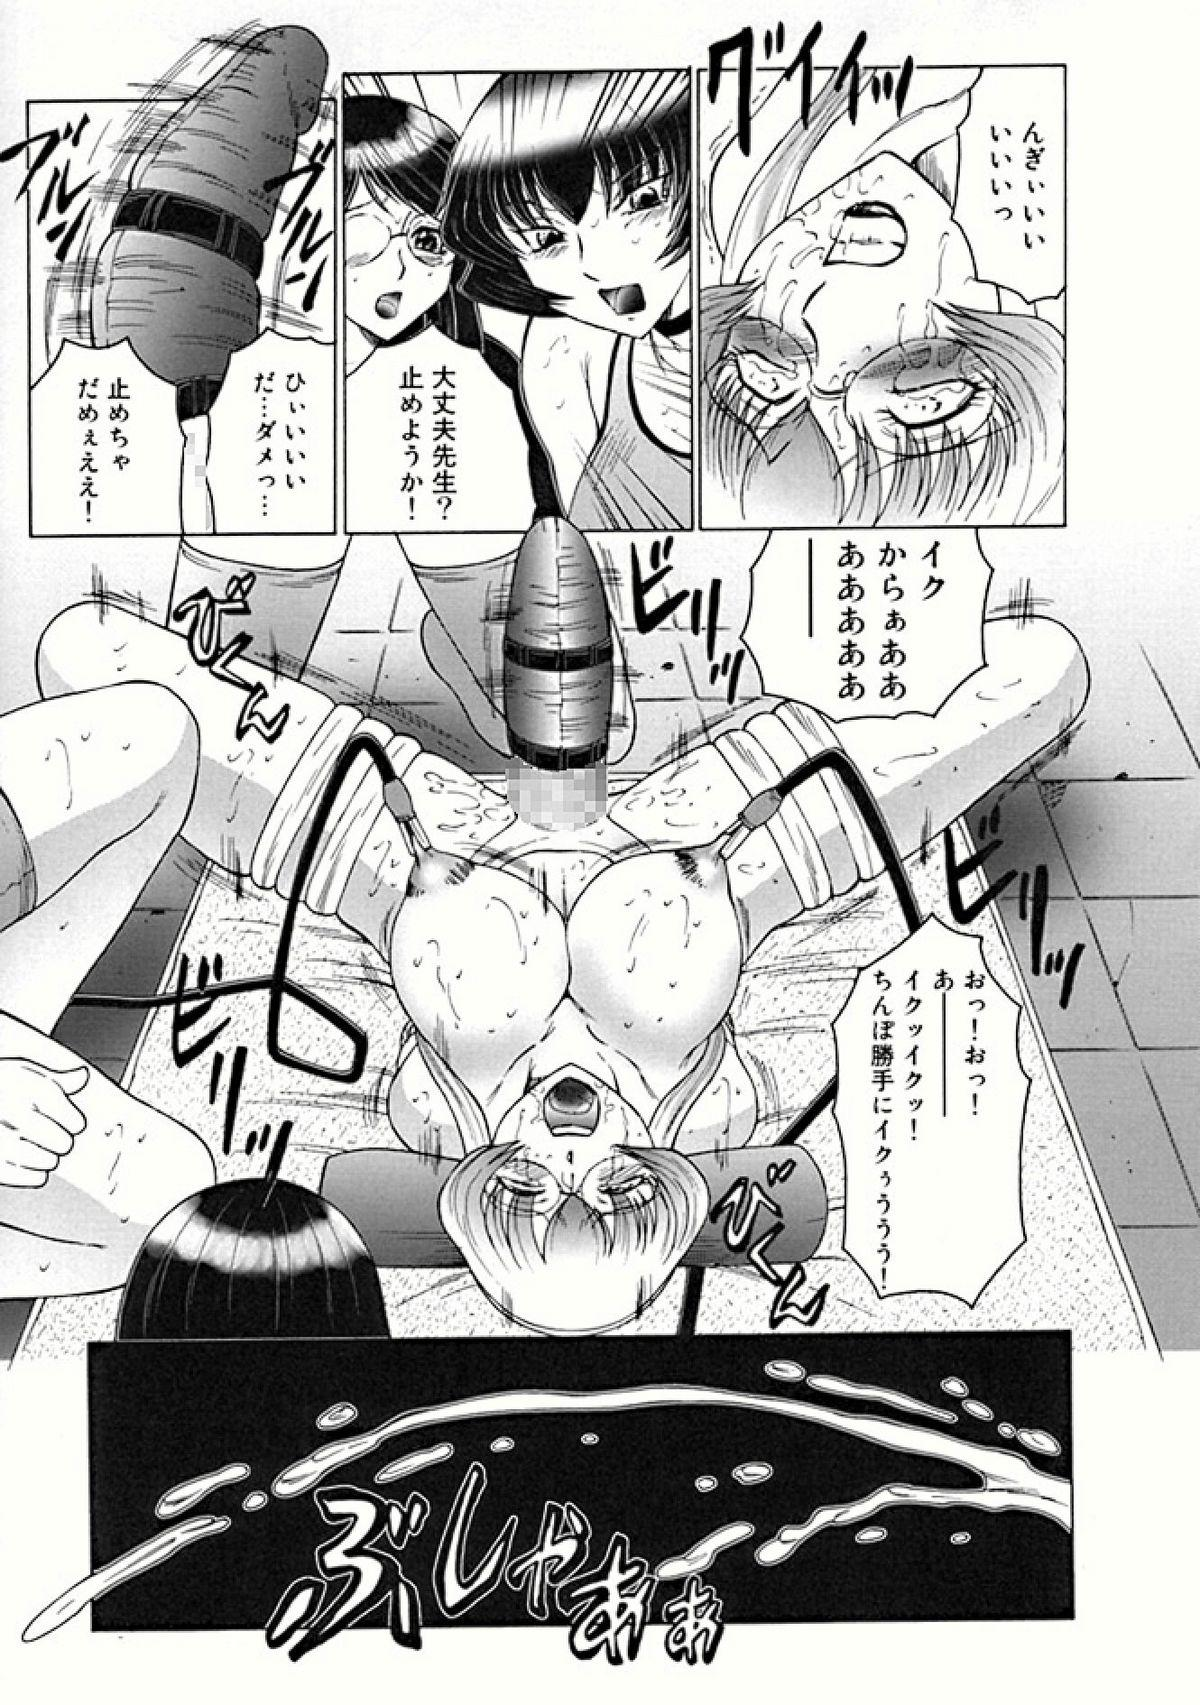 Futagami - Futanari Onna Kyoushi Zecchou Hiroku 108